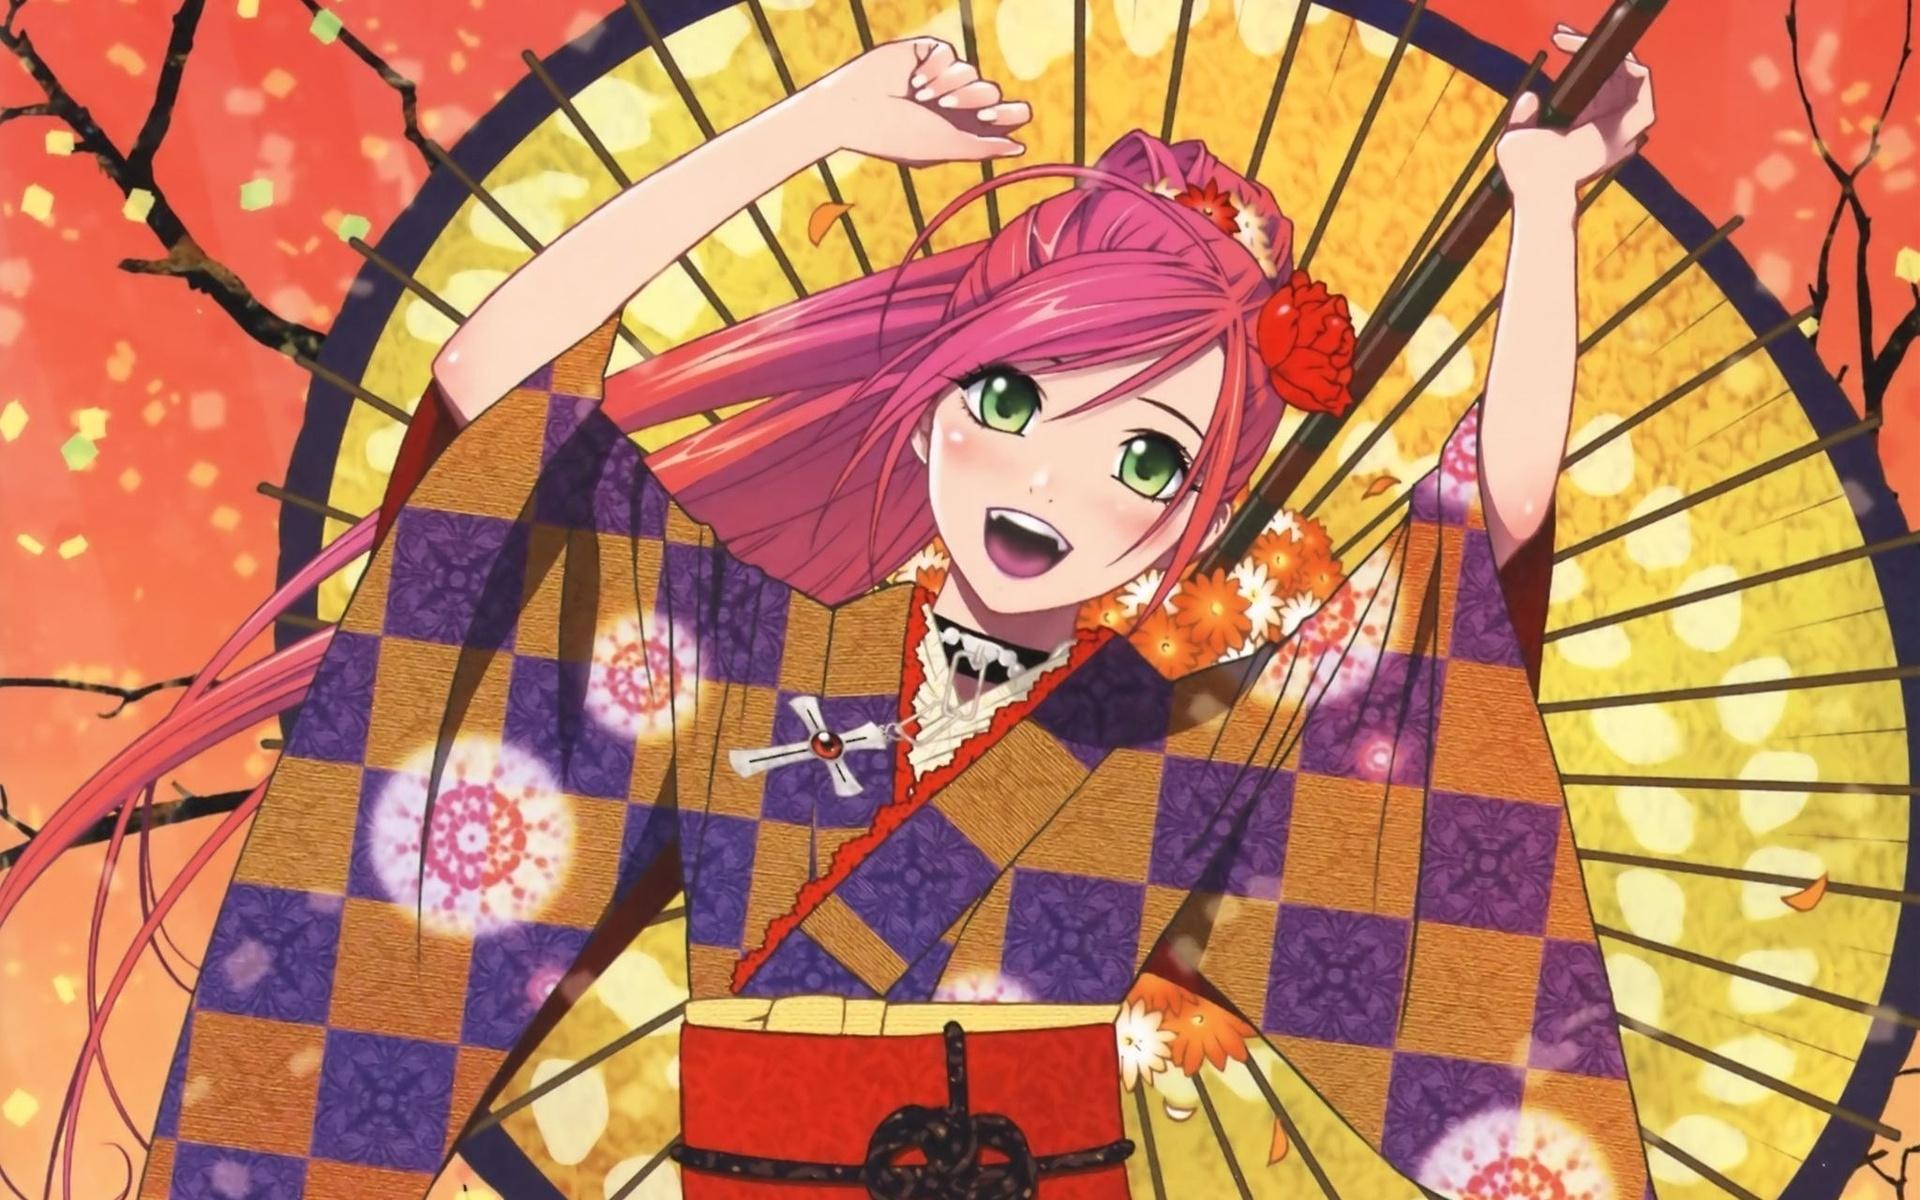 Картинки Девушка, радость, кимоно, веер, пистолет фото и обои на рабочий стол